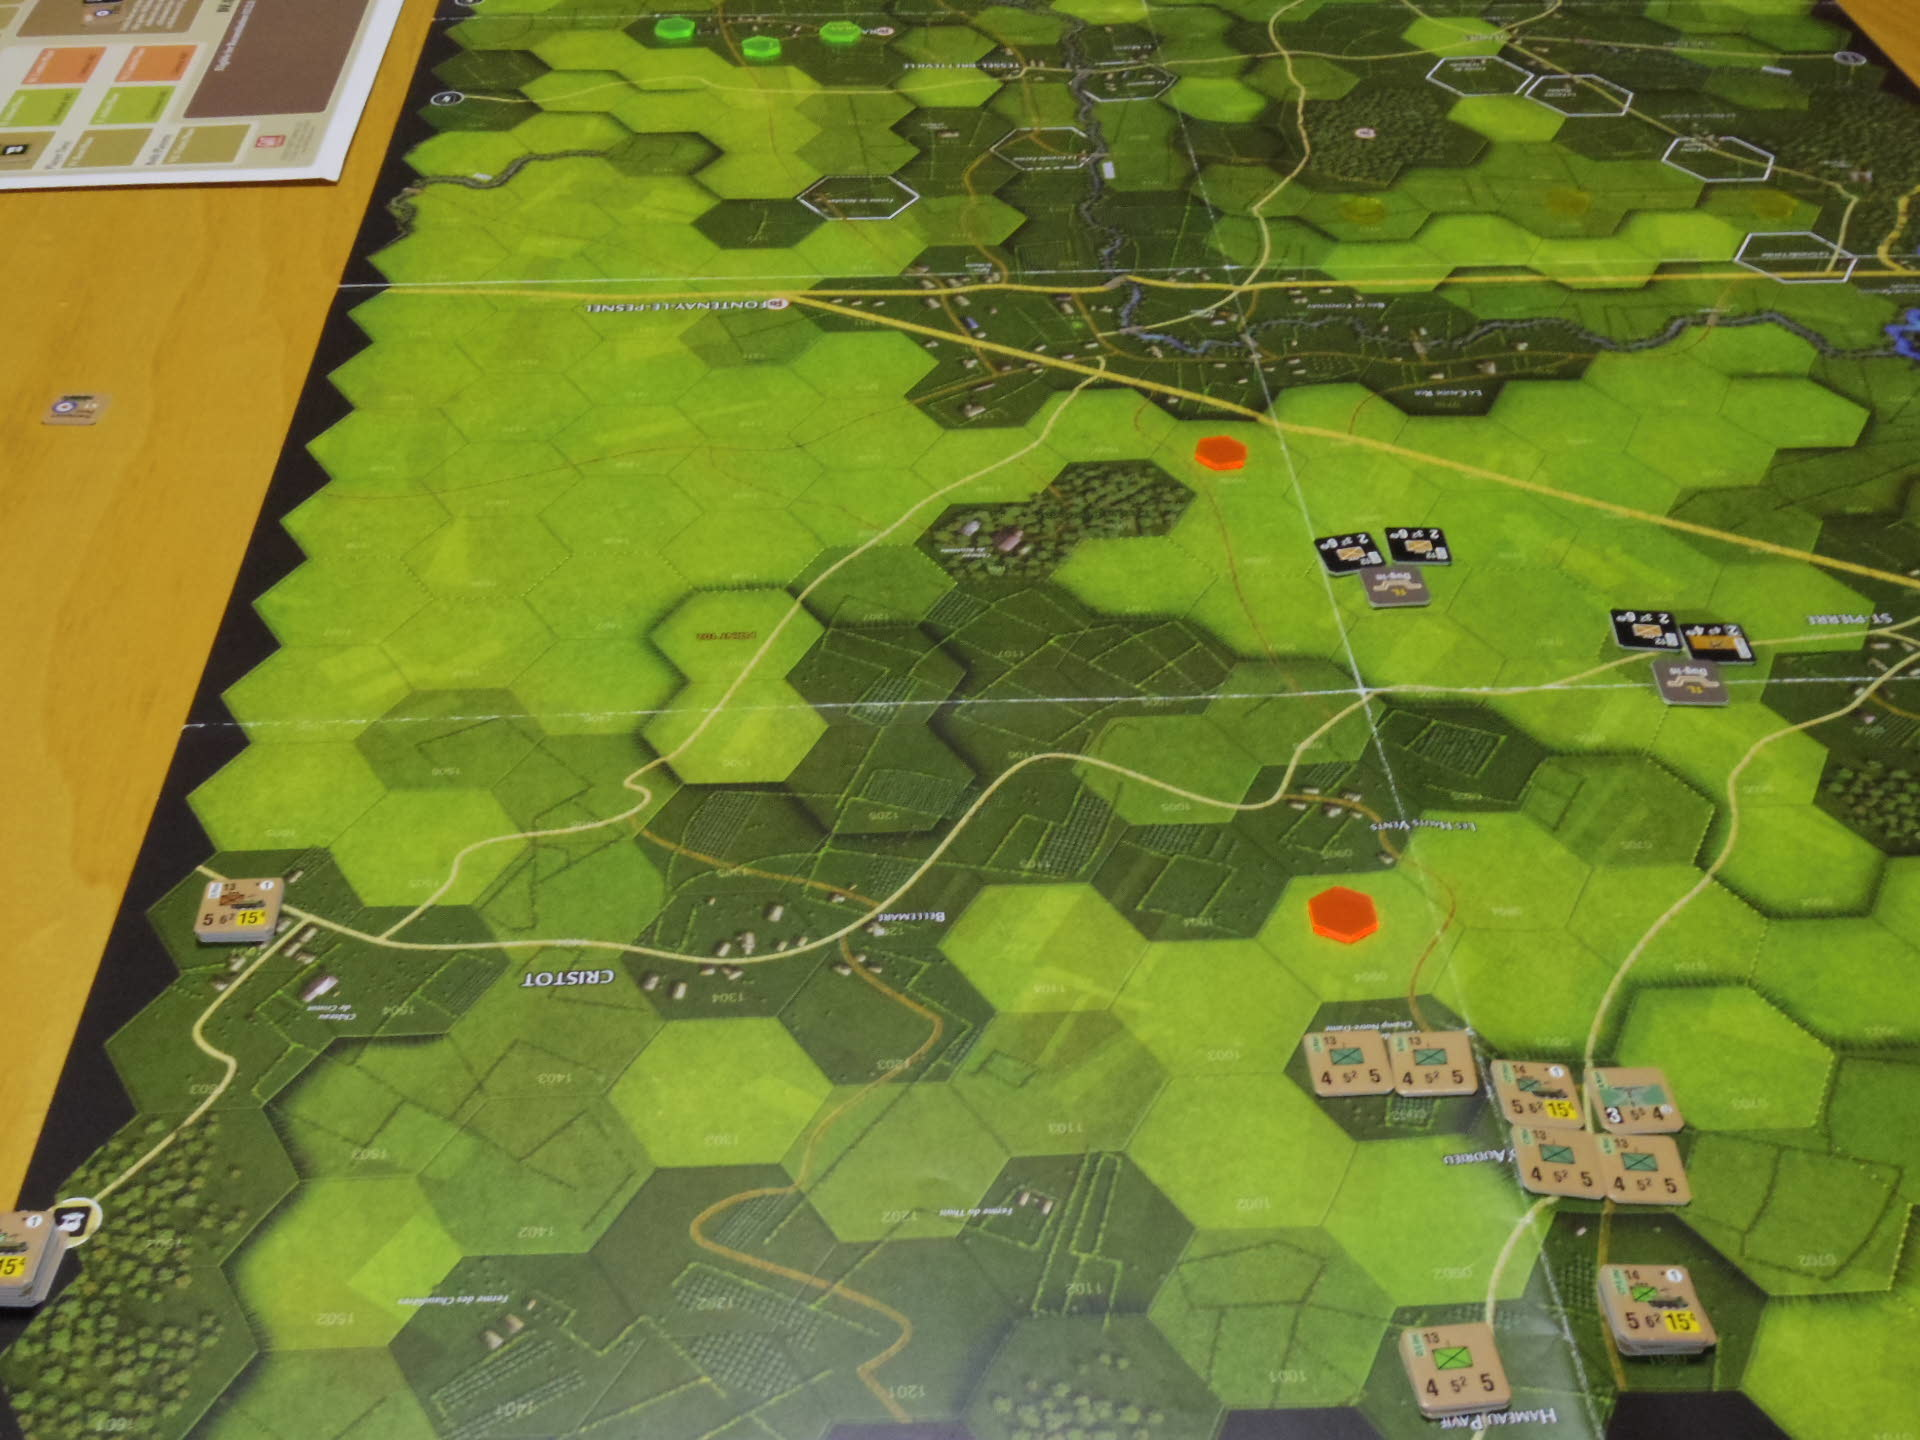 (GMT)ドーントレス作戦:練習シナリオ3「Recon Roundup(偵察の仕上げ)」からシナリオ18.1「Nightmarish Crossroad(悪夢のクロスロード)」その㈠_b0173672_01190802.jpg